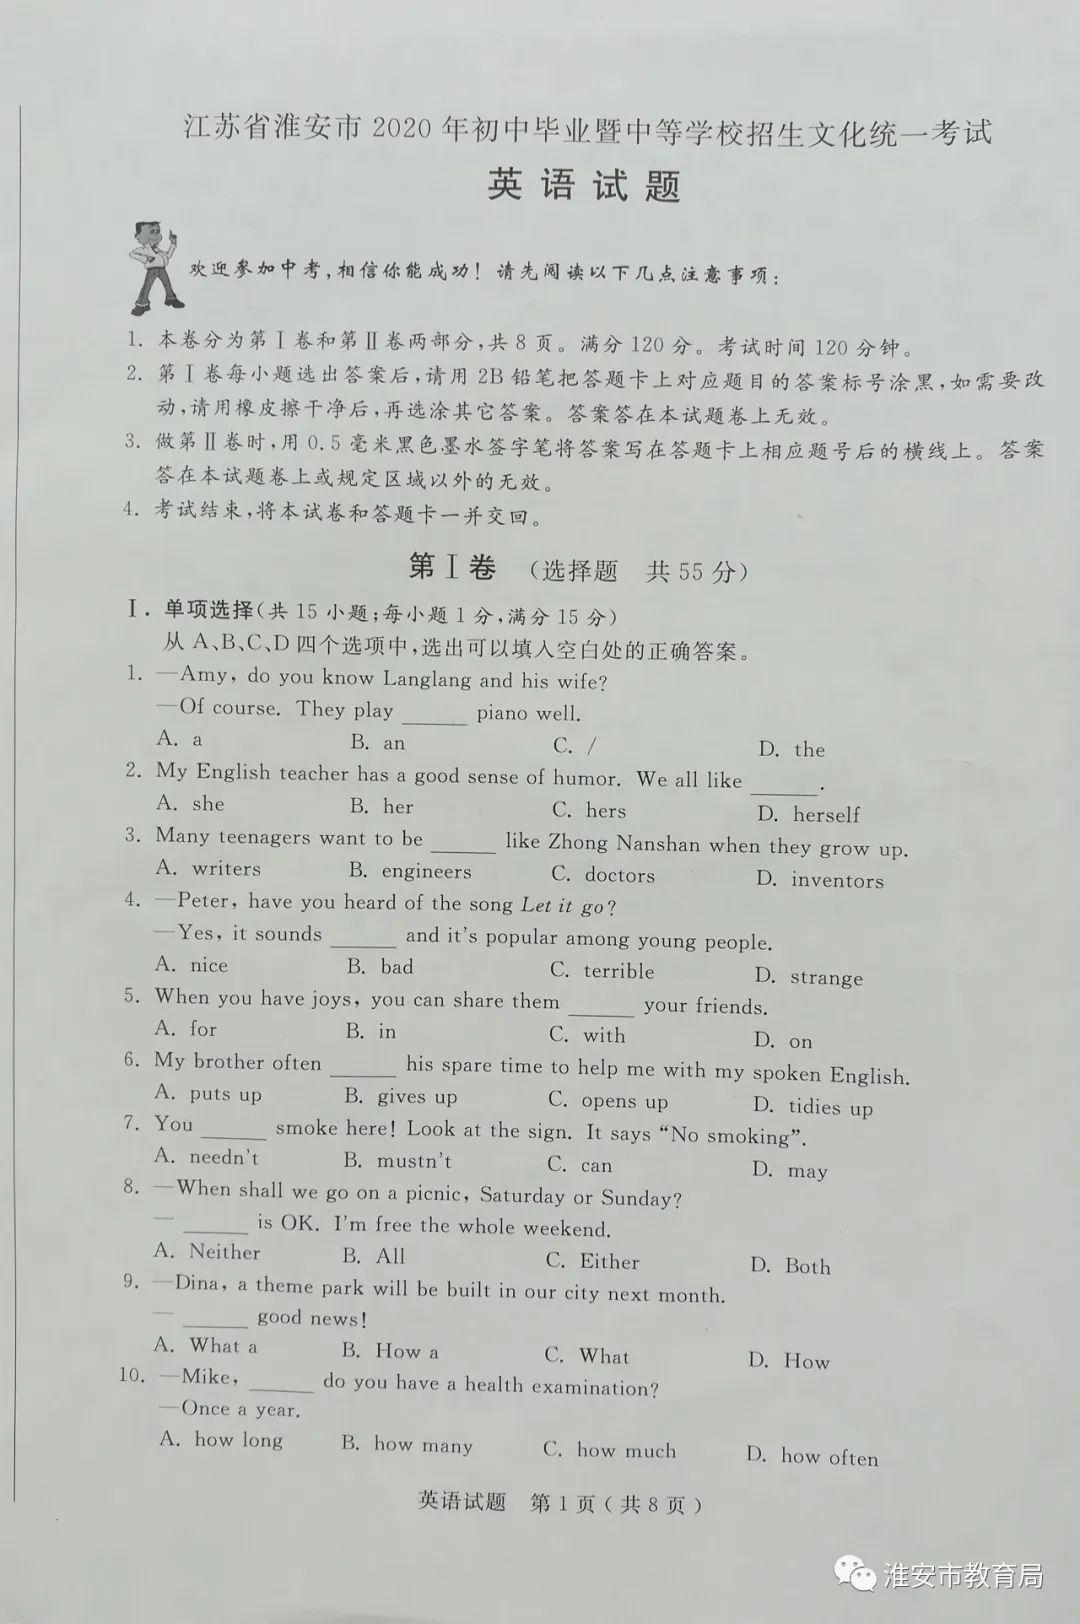 2020江苏淮安中考英语试题及答案(图片版)